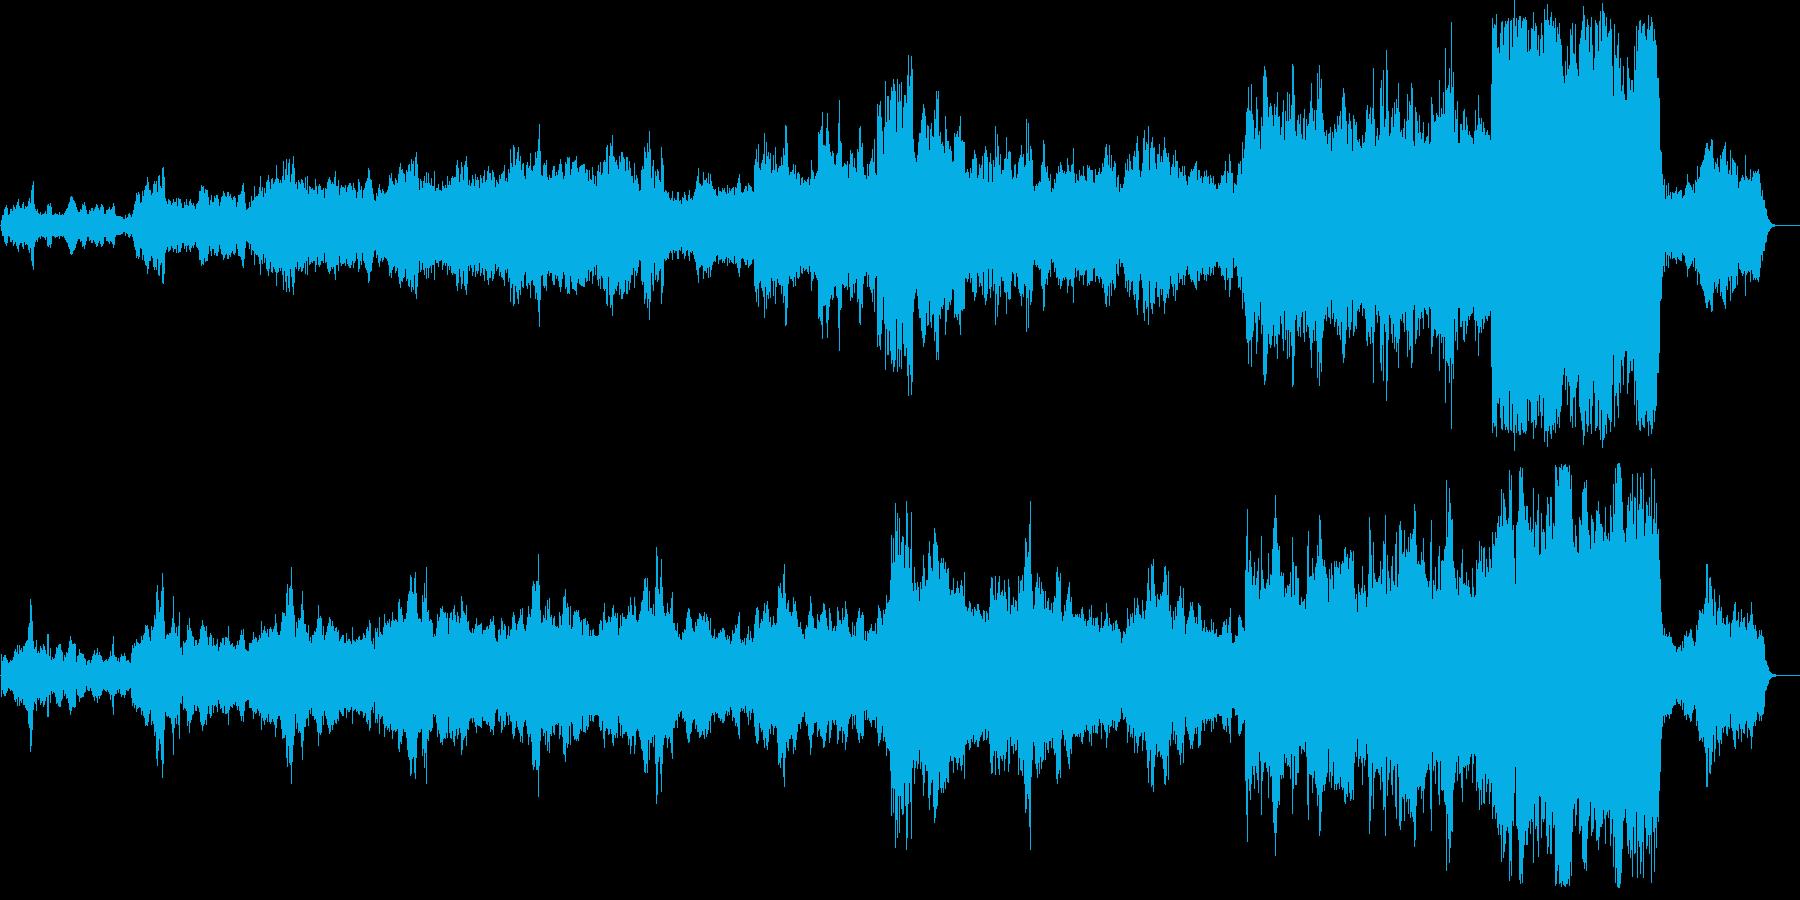 静かな音楽で、どこか宗教的な荘厳さもの再生済みの波形